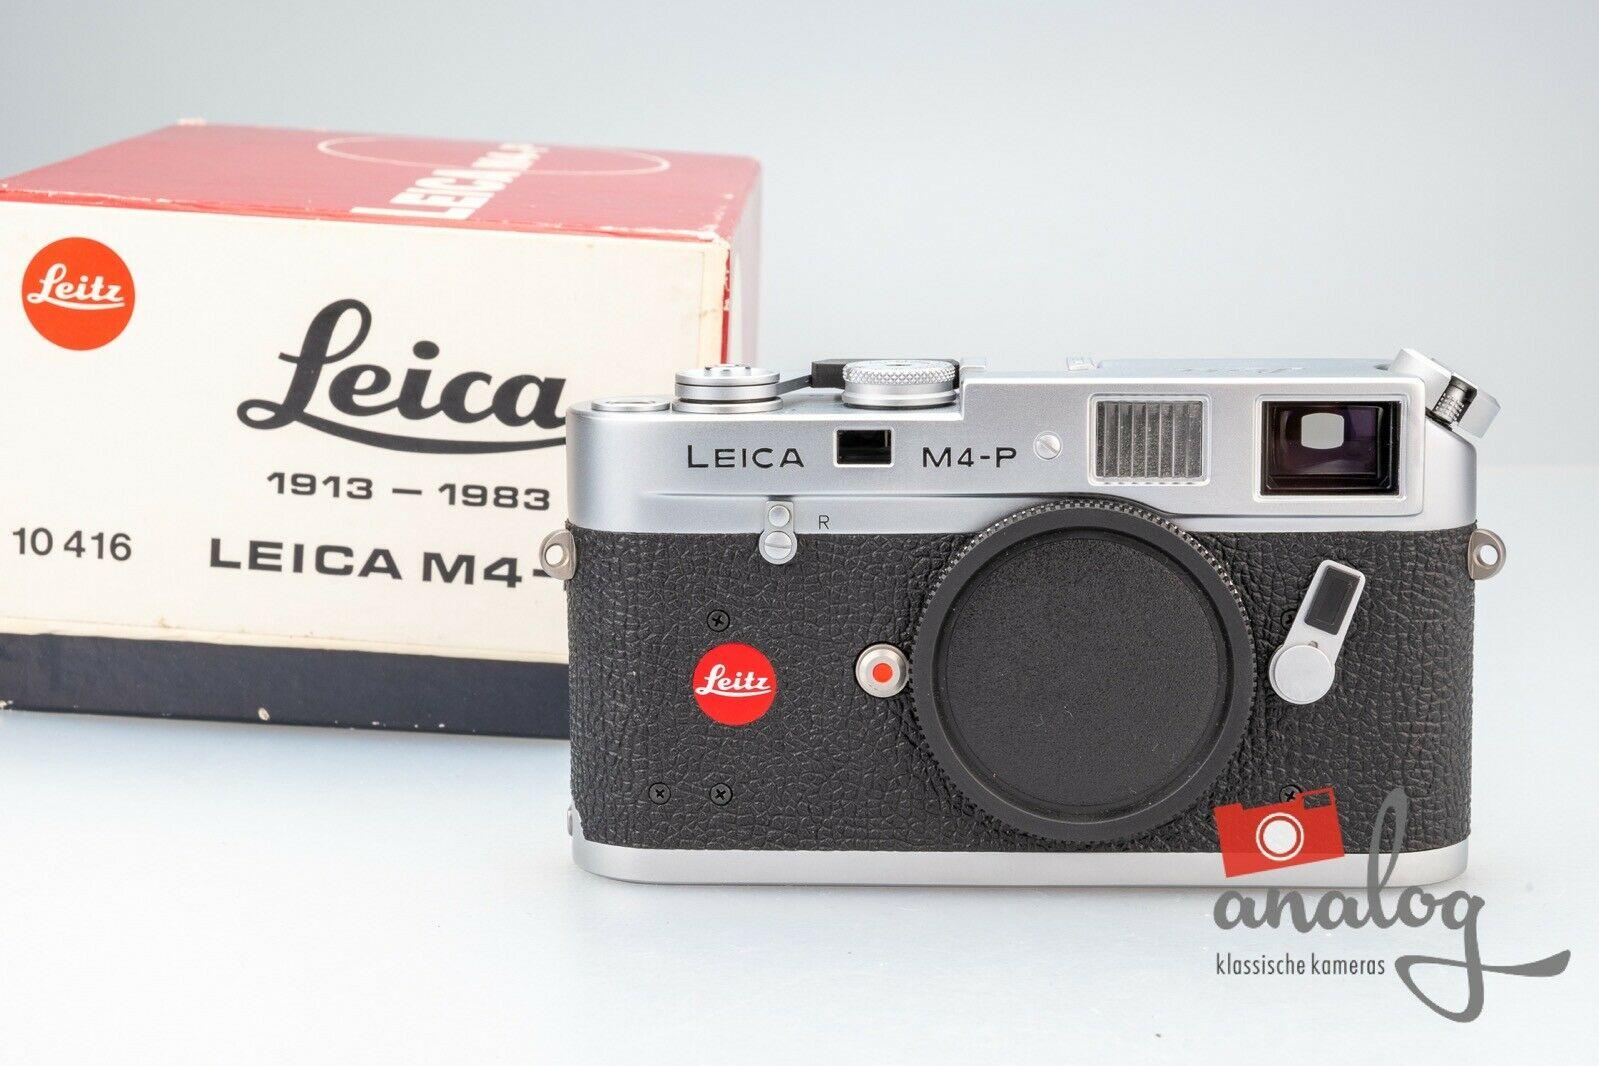 Leica M4-P 1913-1983 - 10416 - werkstattüberholtes Sammlerstück